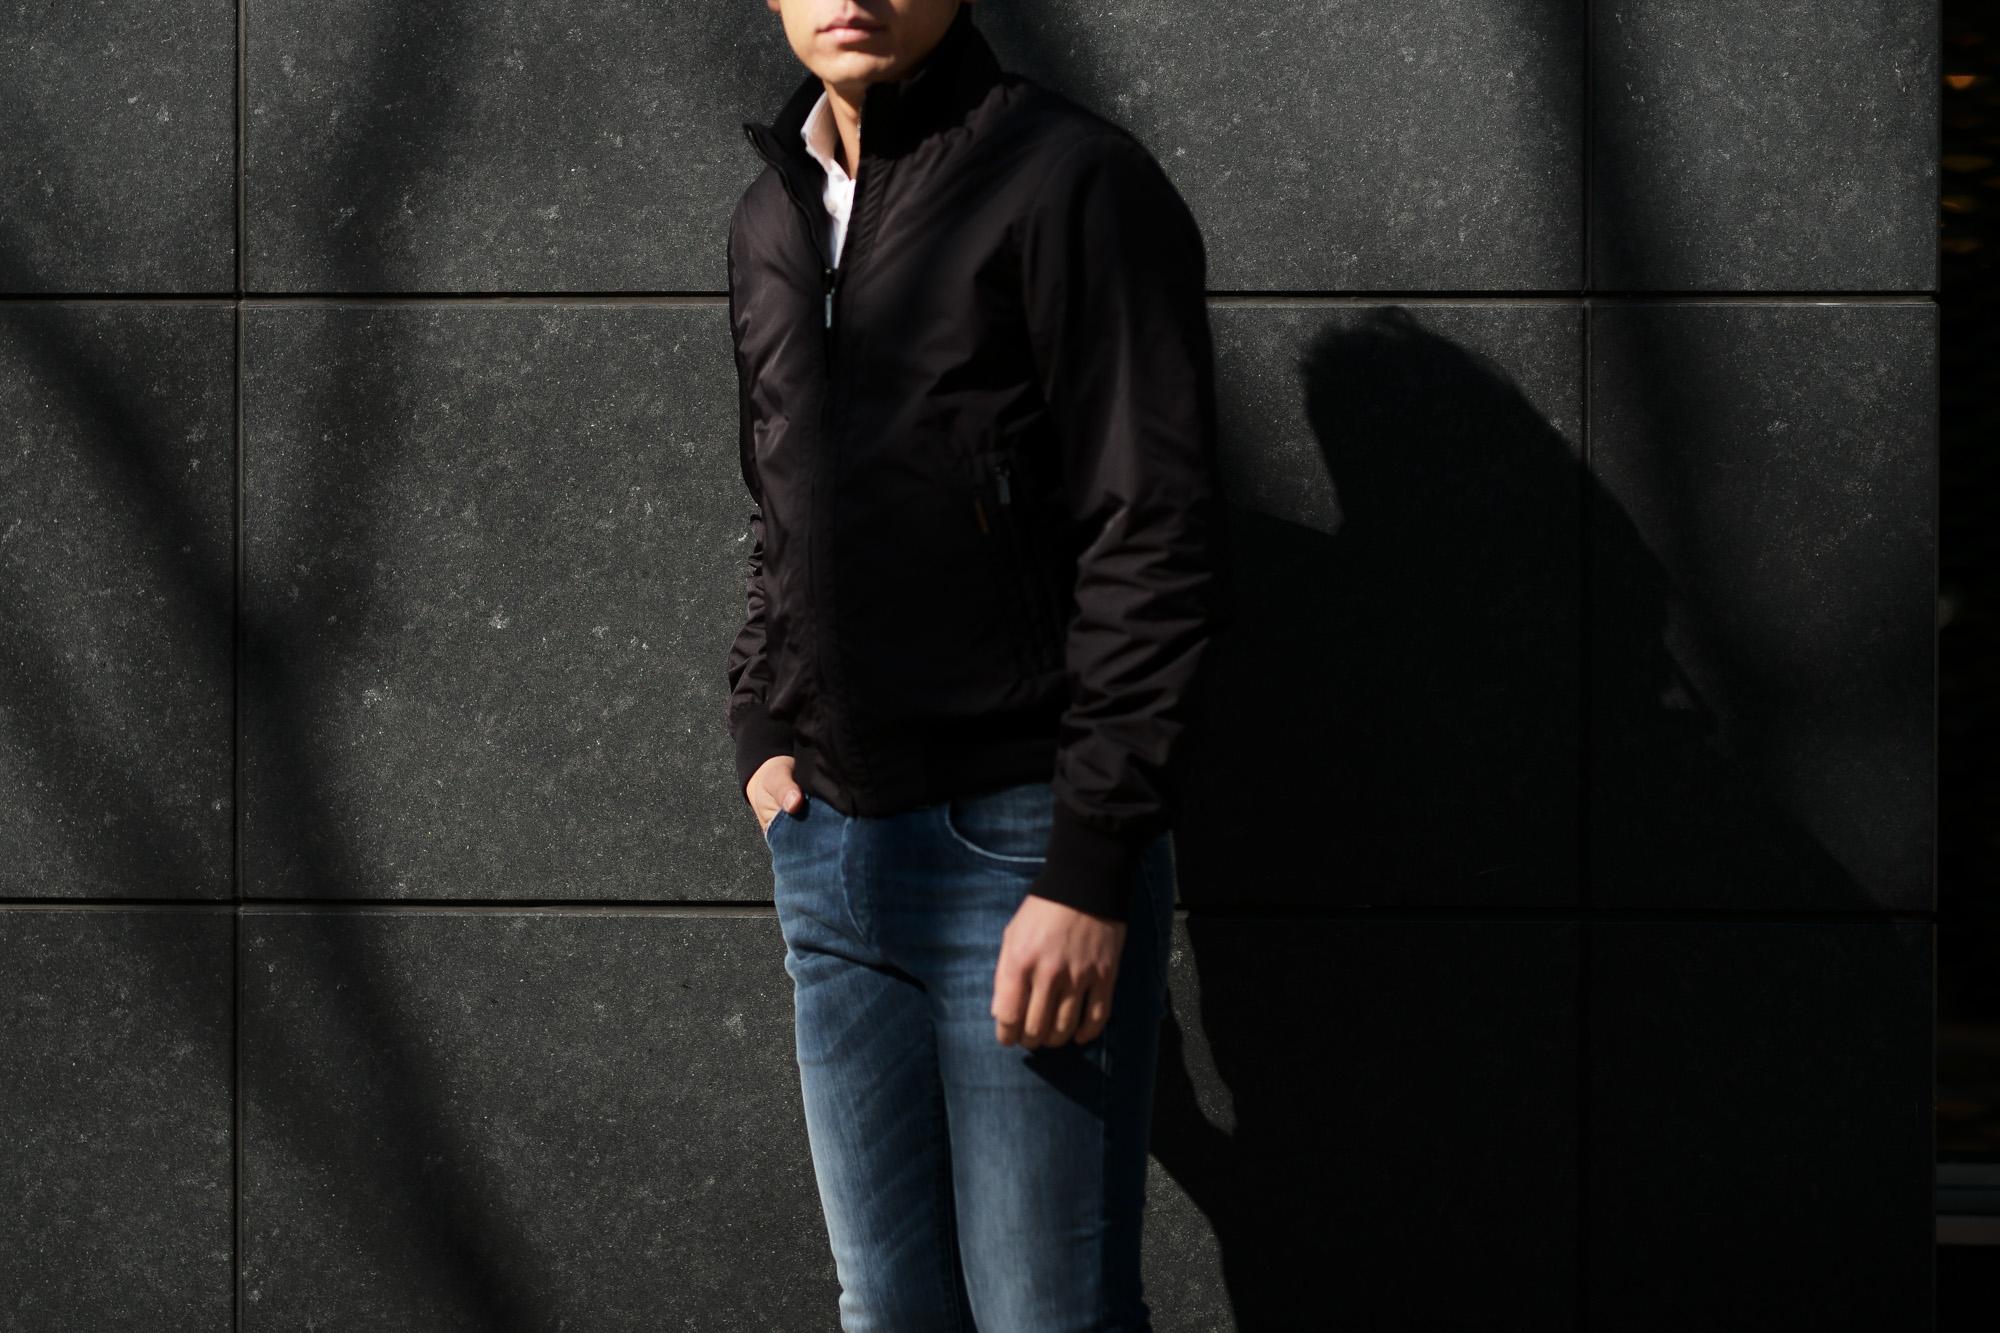 MOORER (ムーレー) AXTEN-KM G9タイプ ナイロン リバーシブル ブルゾン NERO / NERO (ブラック / ブラック) Made in italy (イタリア製) 2019 春夏新作 愛知 名古屋 Alto e Diritto アルトエデリット